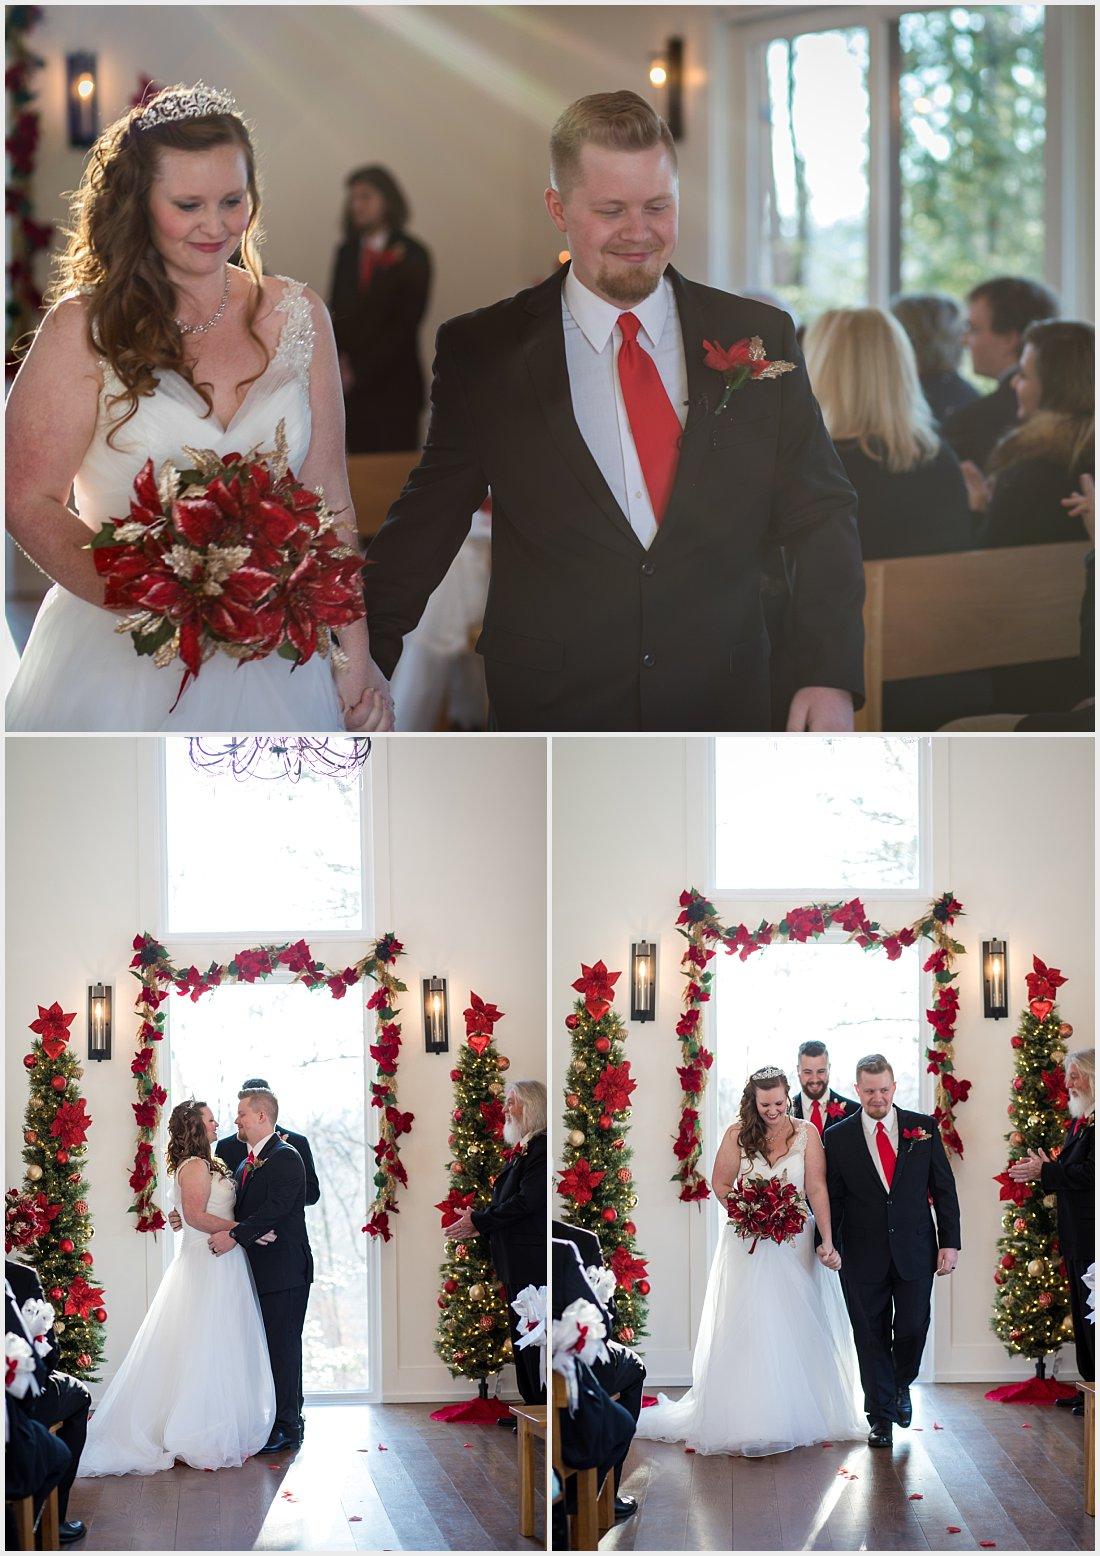 snowy-wedding-in-georgia (13)